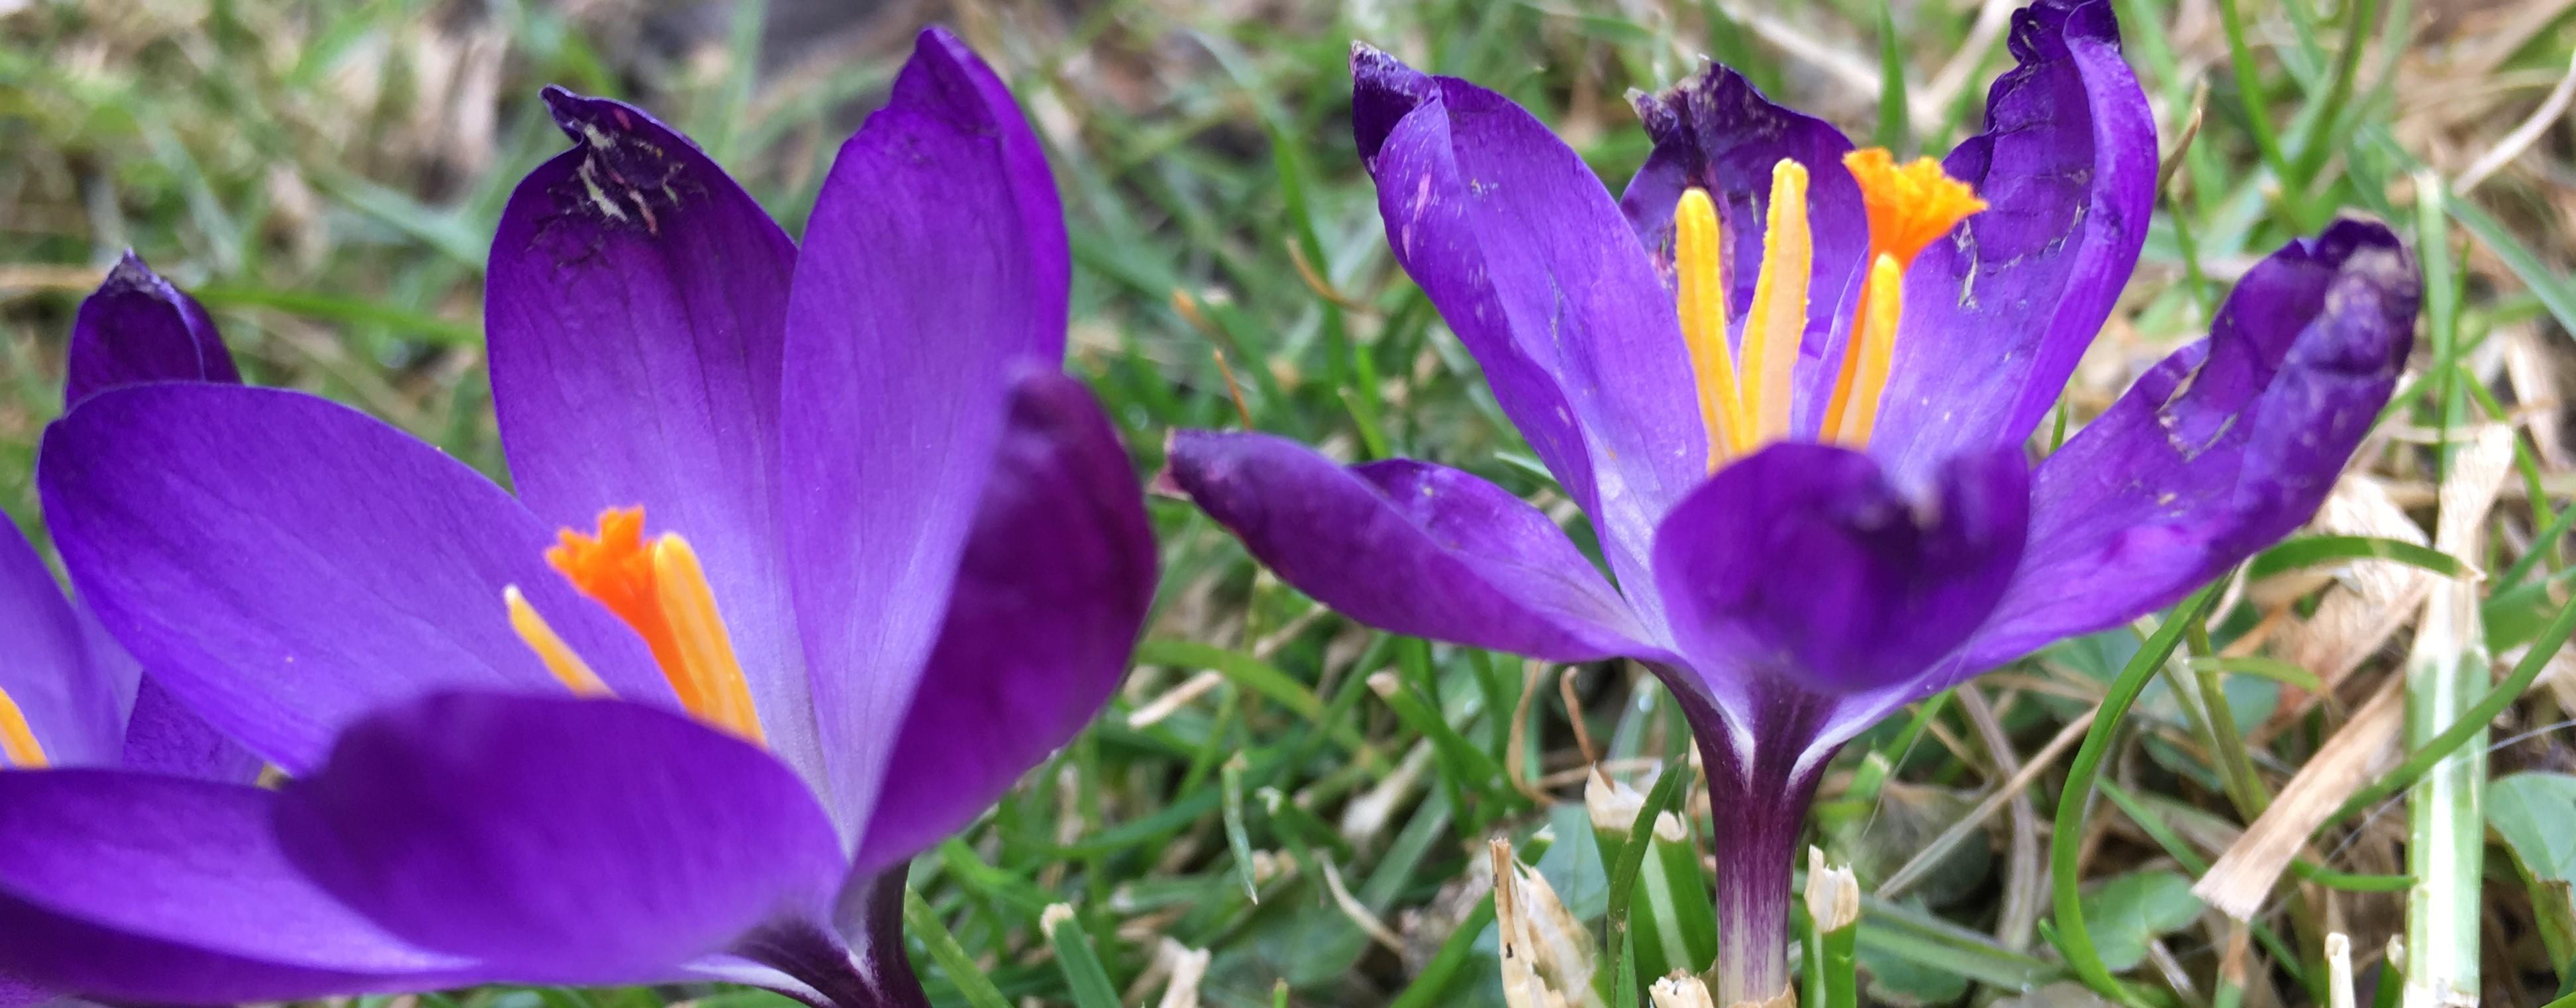 Blauer Krokus im Garten zum Frühlingsanfang